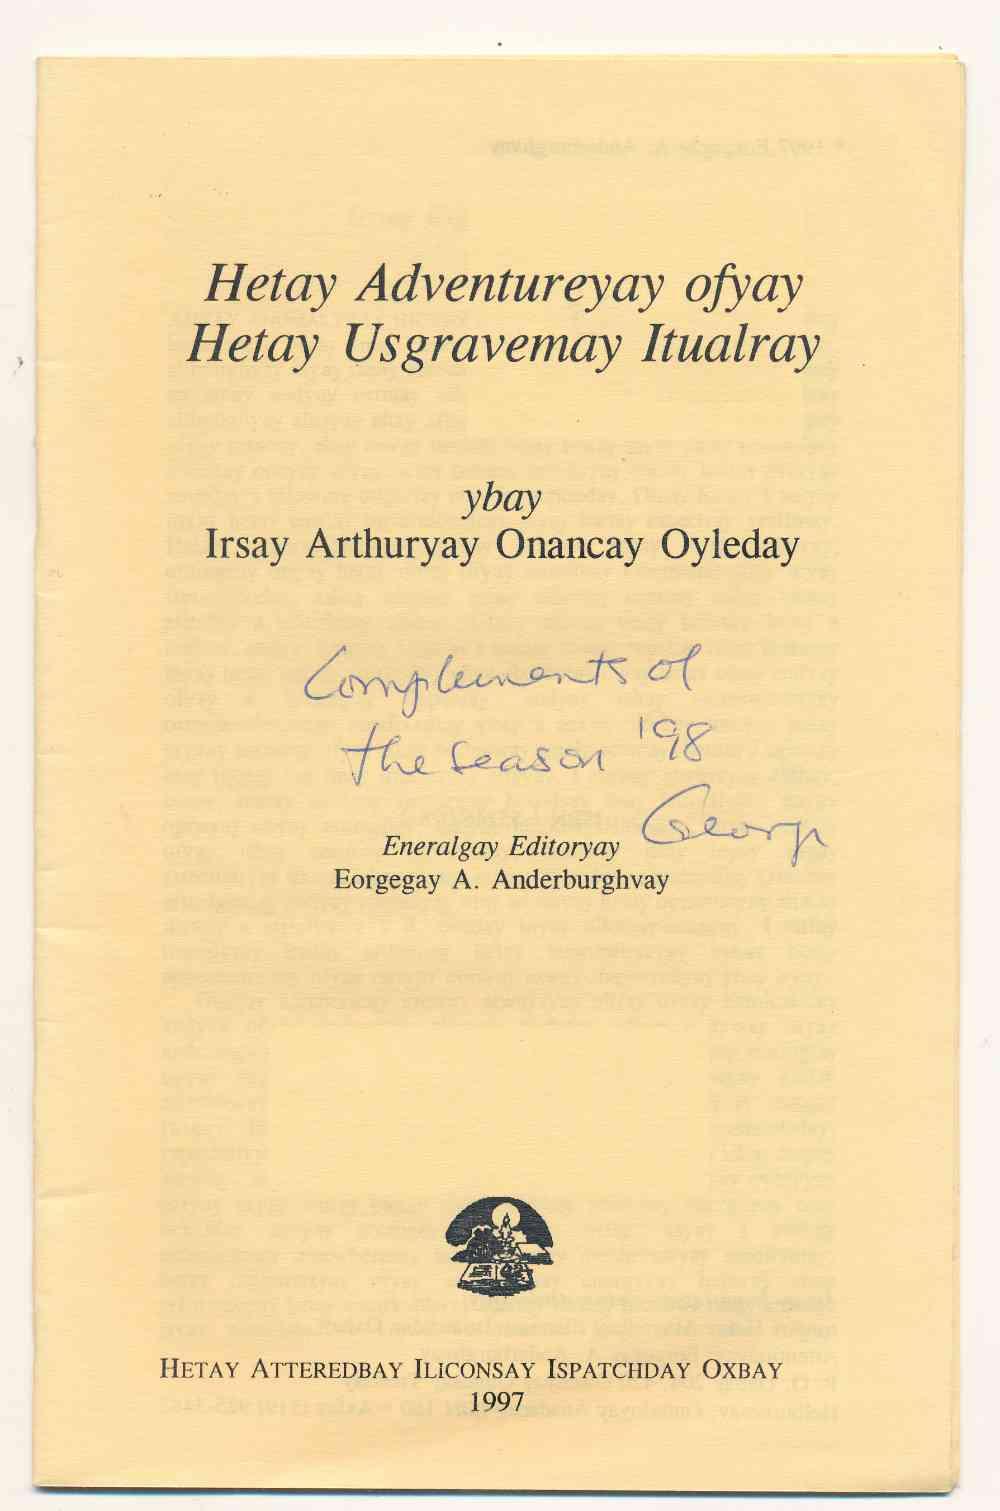 Hetay adventureyay ofyay hetay Usgravemay Itualray